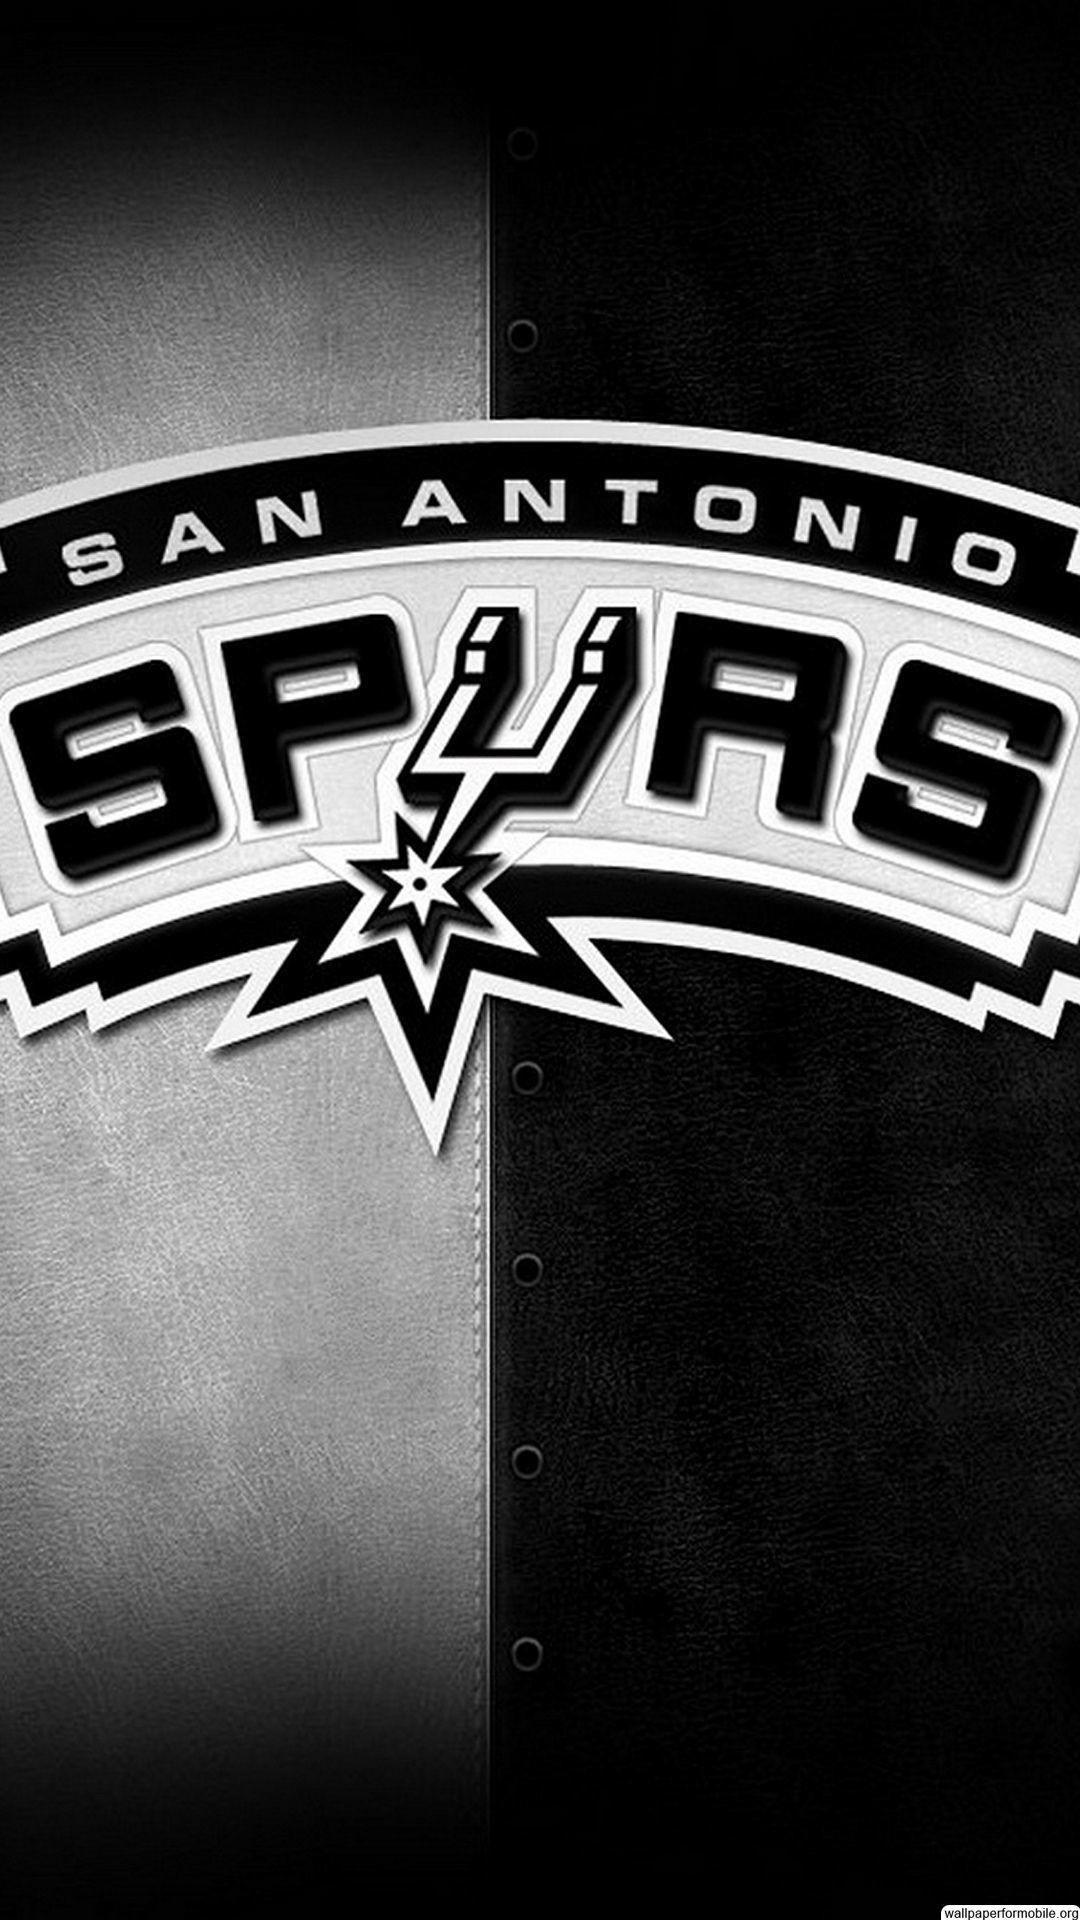 San Antonio Spurs Wallpaper 2018 56 Images